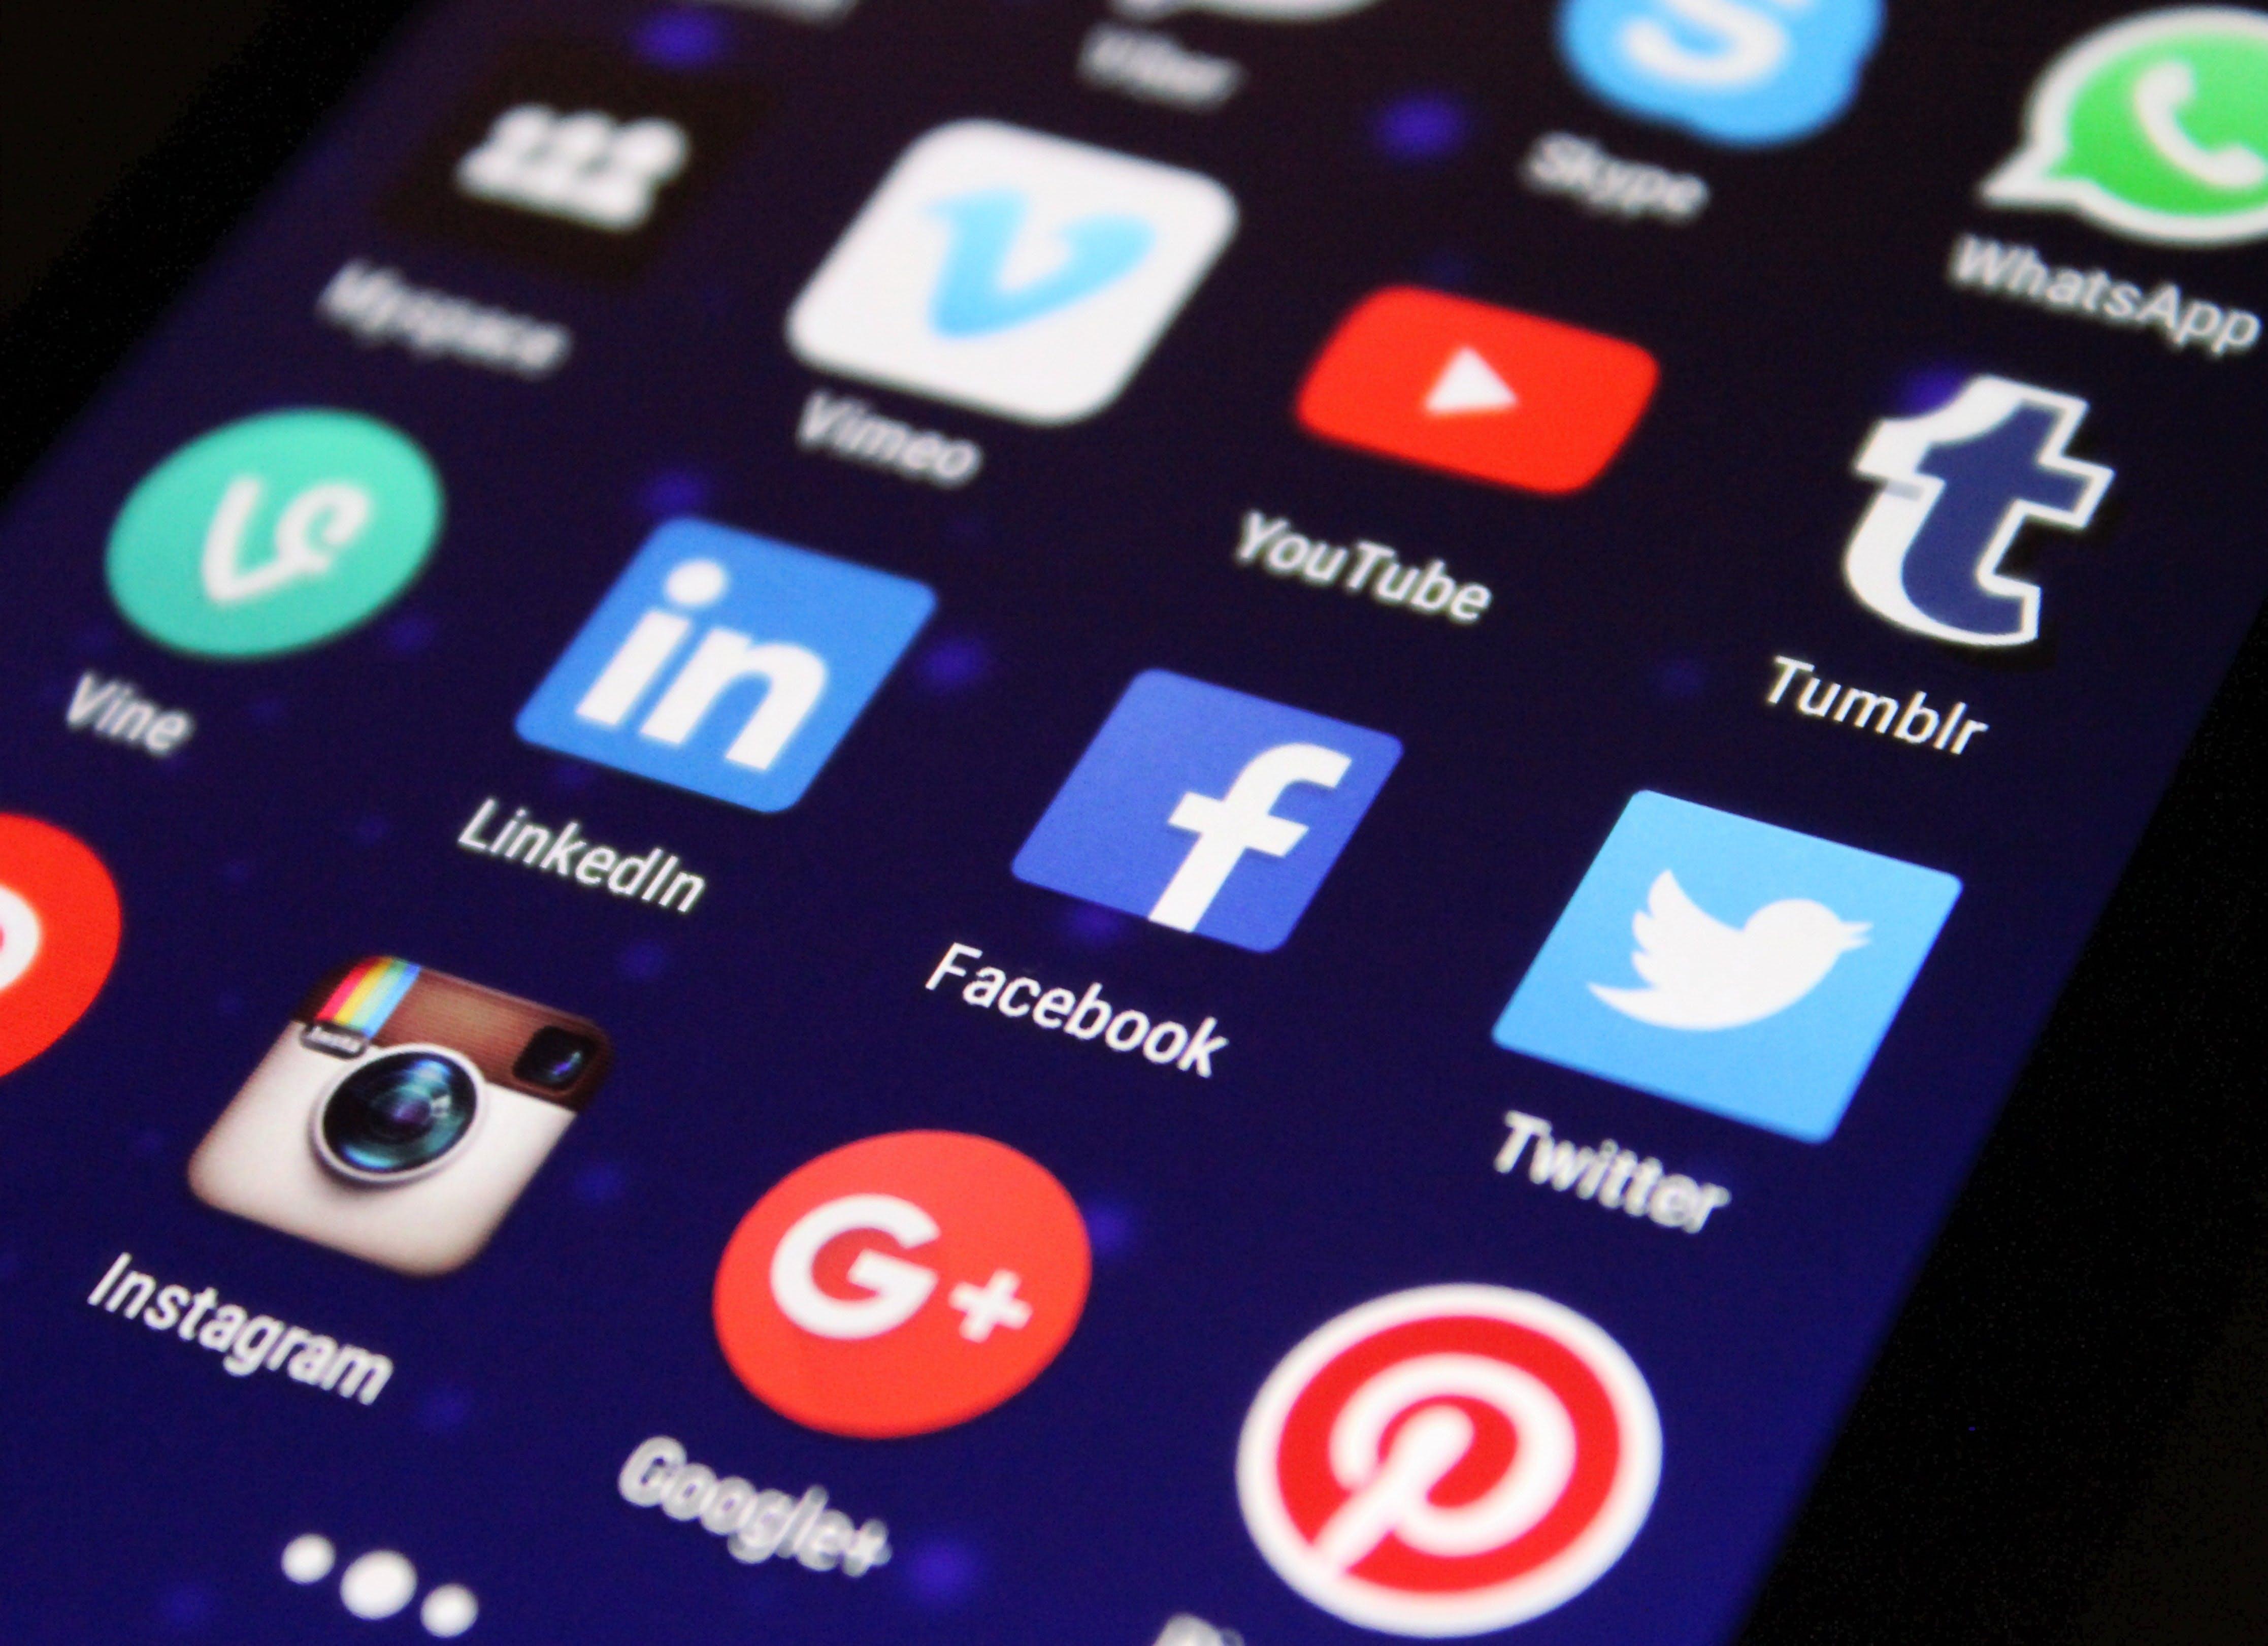 Kombi-Seminar: Politische Kommunikation  über Social Media